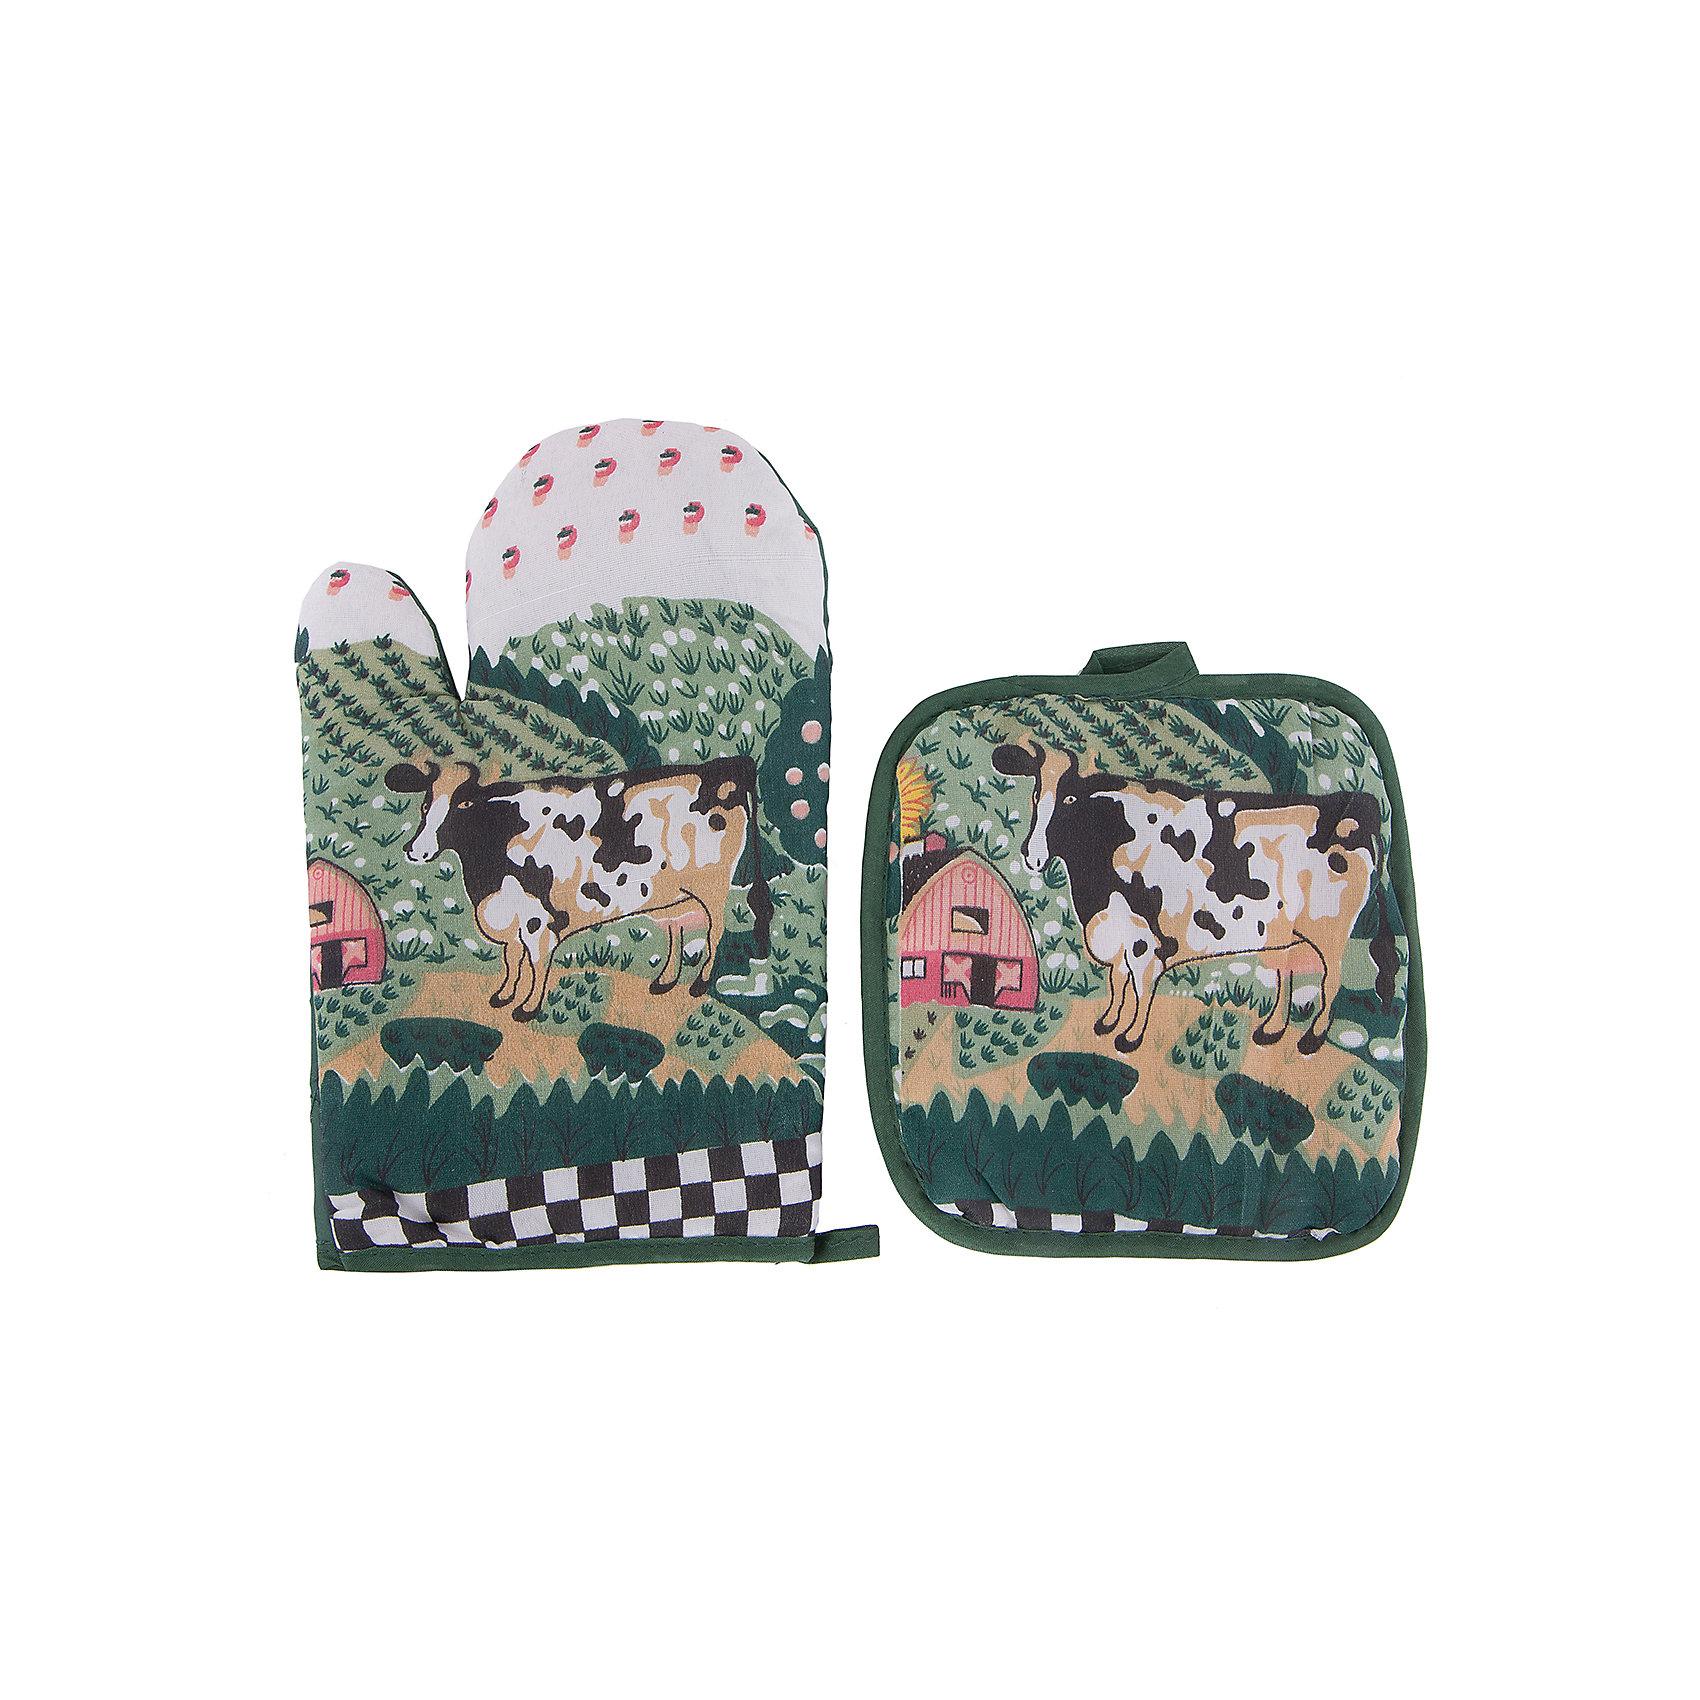 Набор кухонный арт.31881: рукавица+прихватка, Magic HomeСувенирный набор для кухни включает в себя 2 предмета: рукавицу и прихватку. Изделия декорированы рисунками: буренка, пасущаяся на лугу. Рукавичка и прихватка имеют петельки для подвешивания на крючки, защищают нежные руки хозяйки от соприкосновения с горячими поверхностями кастрюль, сковородок и форм для выпечки. <br><br>Дополнительная информация:<br><br>Размер: 16х25 см<br><br>Материал: 65% полиэстер, 35% хлопок<br><br>Набор кухонный арт.31881: рукавица+прихватка, Magic Home можно купить в нашем интернет-магазине.<br><br>Ширина мм: 140<br>Глубина мм: 50<br>Высота мм: 100<br>Вес г: 69<br>Возраст от месяцев: 216<br>Возраст до месяцев: 1200<br>Пол: Унисекс<br>Возраст: Детский<br>SKU: 5030477